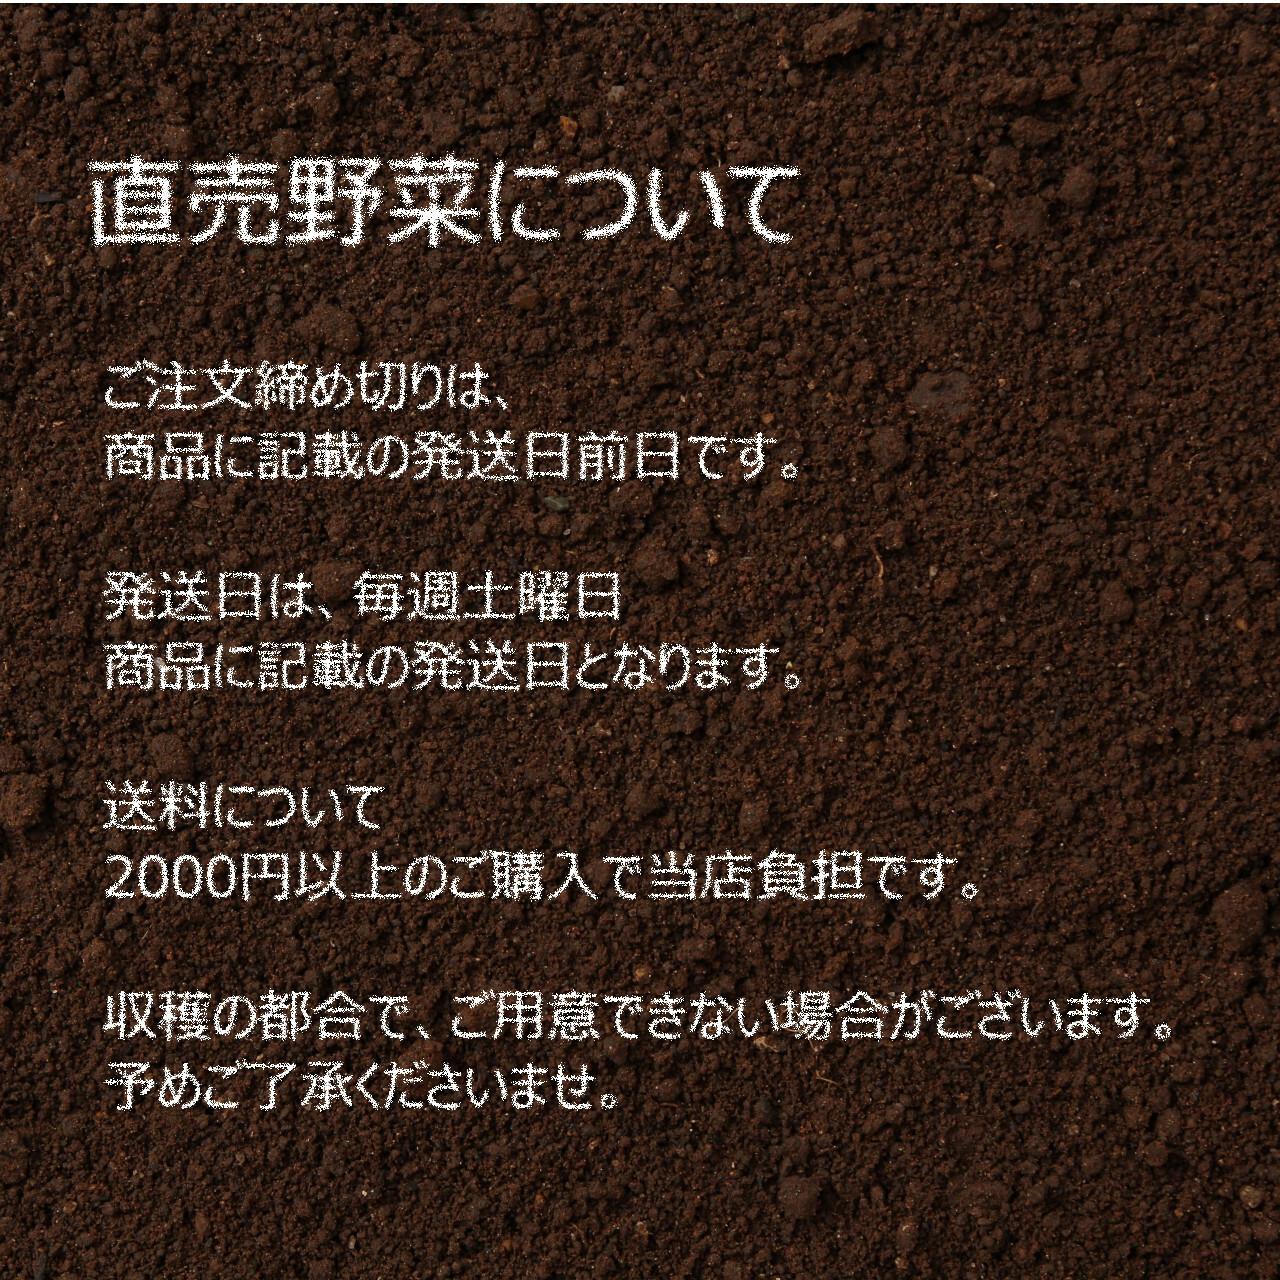 春の新鮮野菜 スナップエンドウ 約300g: 5月の朝採り直売野菜 5月30日発送予定